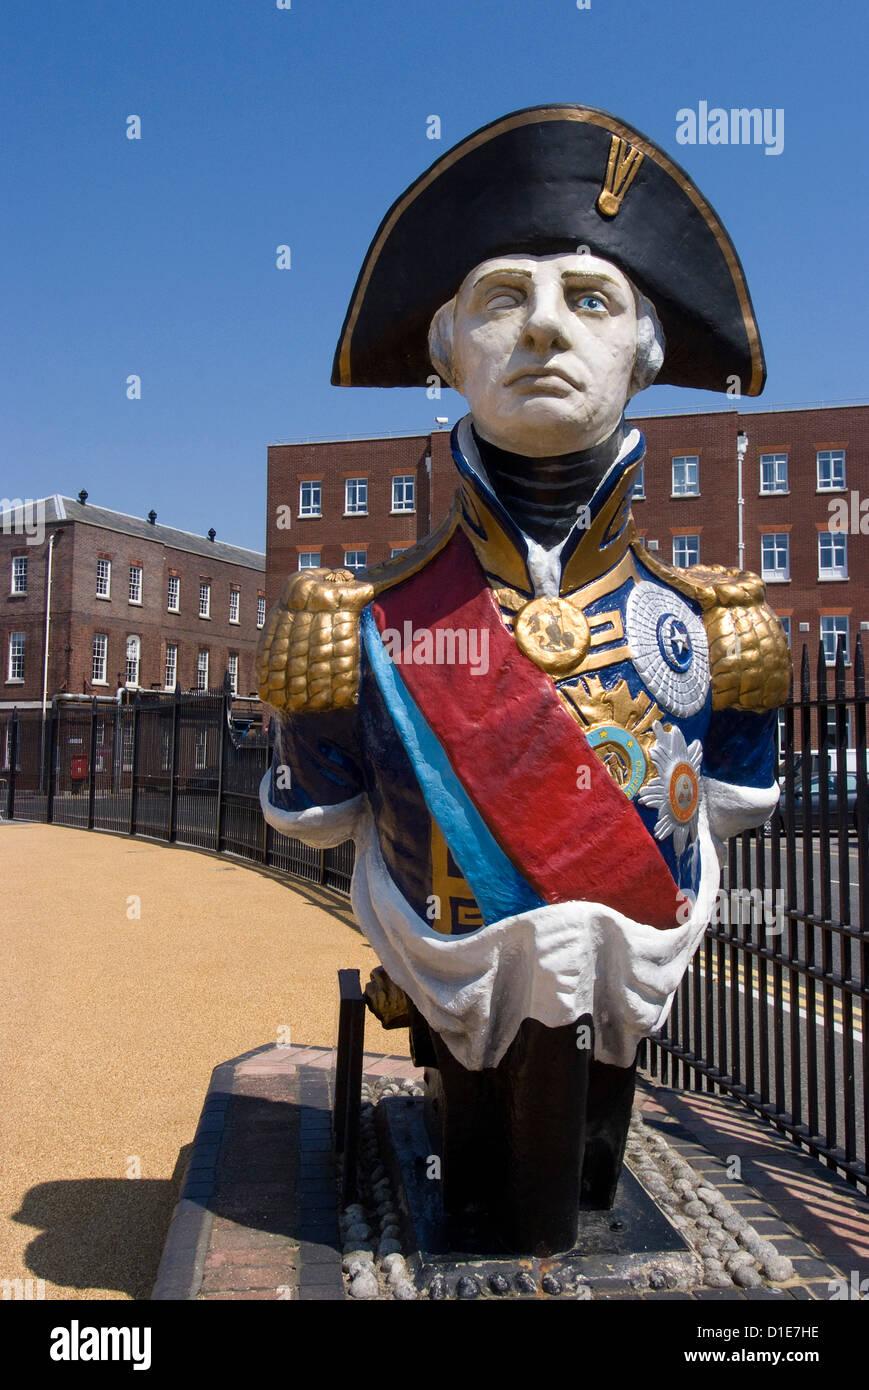 Ship figurehead of Admiral Nelson, Portsmouth Historic Docks, Portsmouth, Hampshire, England, United Kingdom, Europe - Stock Image